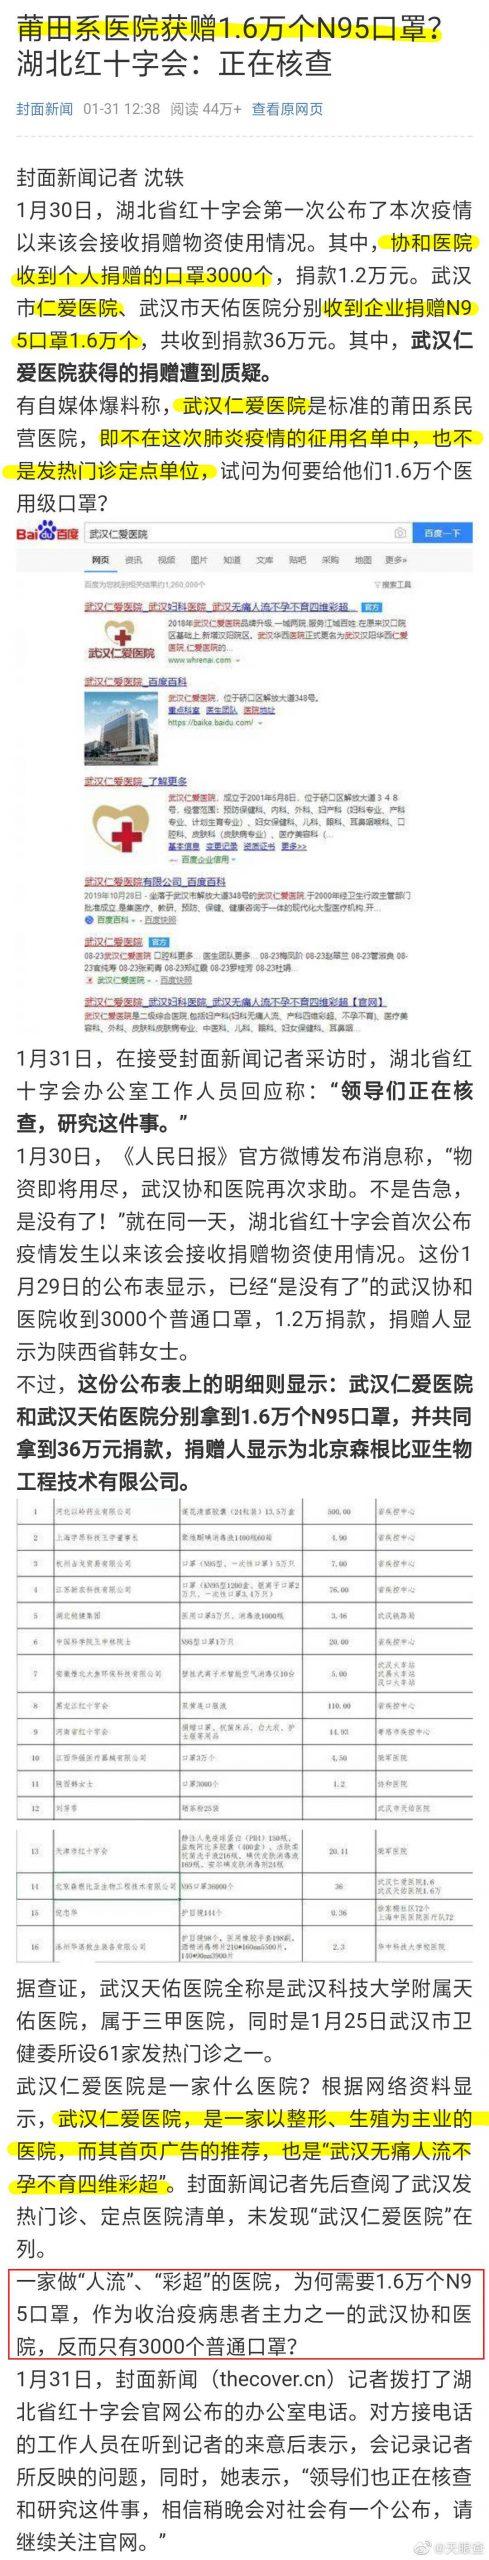 武漢肺炎封城-口罩分配不均 人工流產的醫院分配到1.6萬個 協和醫院只有3千個 武漢肺炎 武漢肺炎守不住-武漢2020年01月23號10點 封城 s8tKAtm scaled